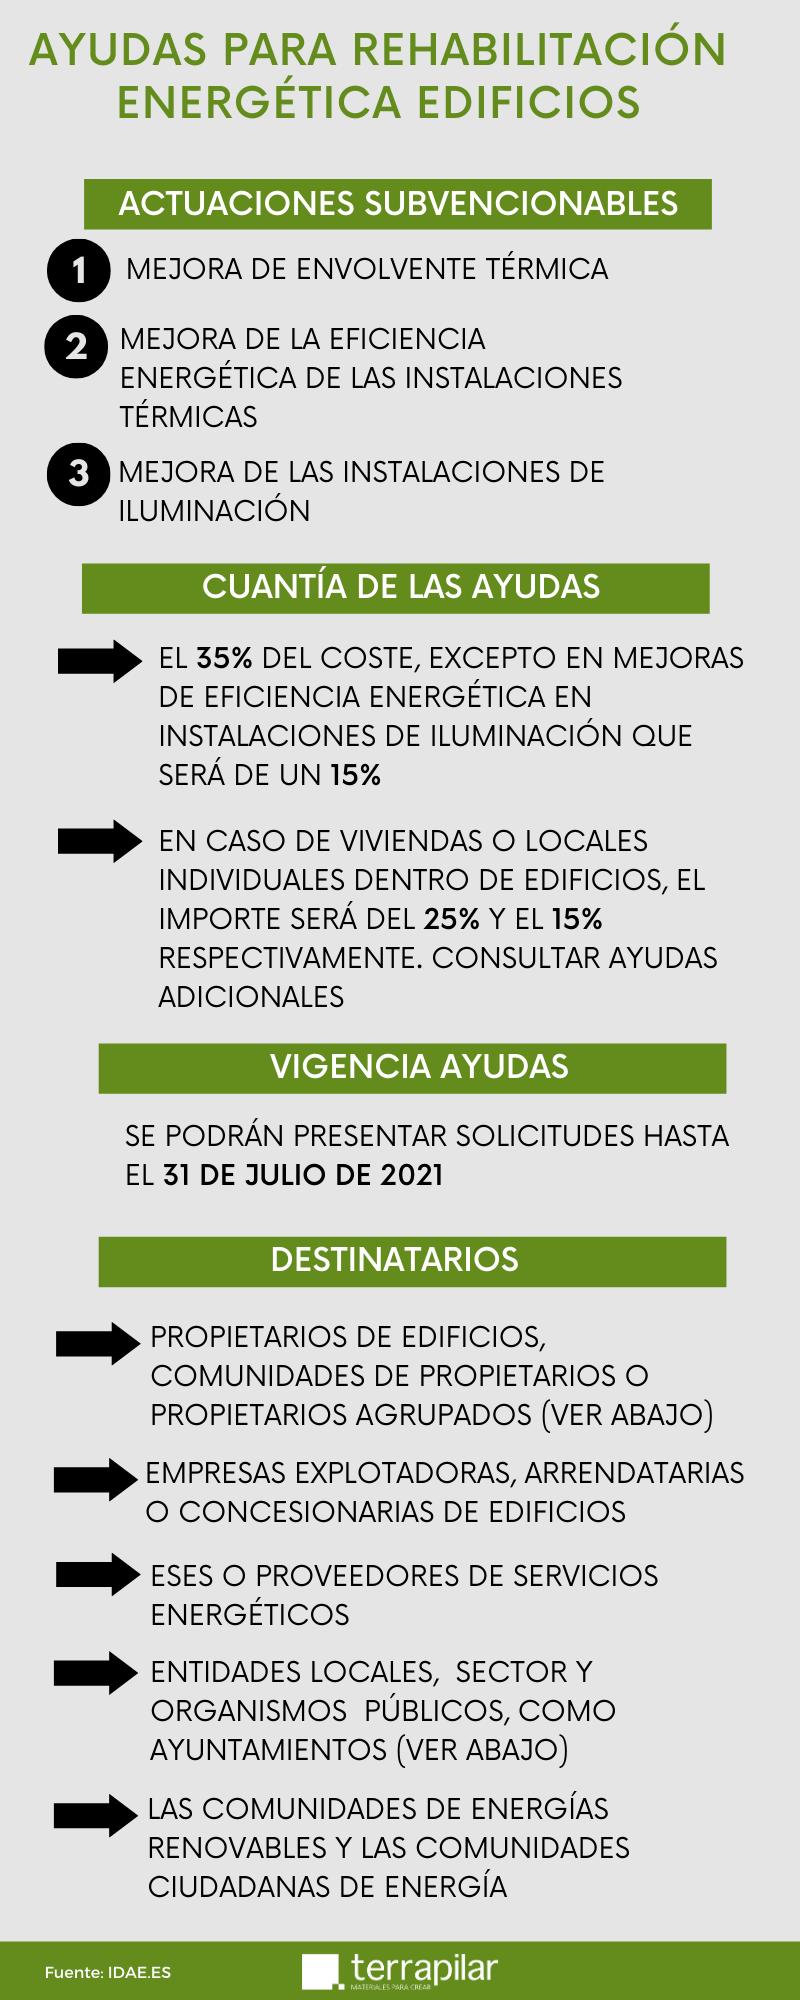 PROGRAMA PREE. REHABILITACIÓN ENERGÉTICA DE EDIFICIOS